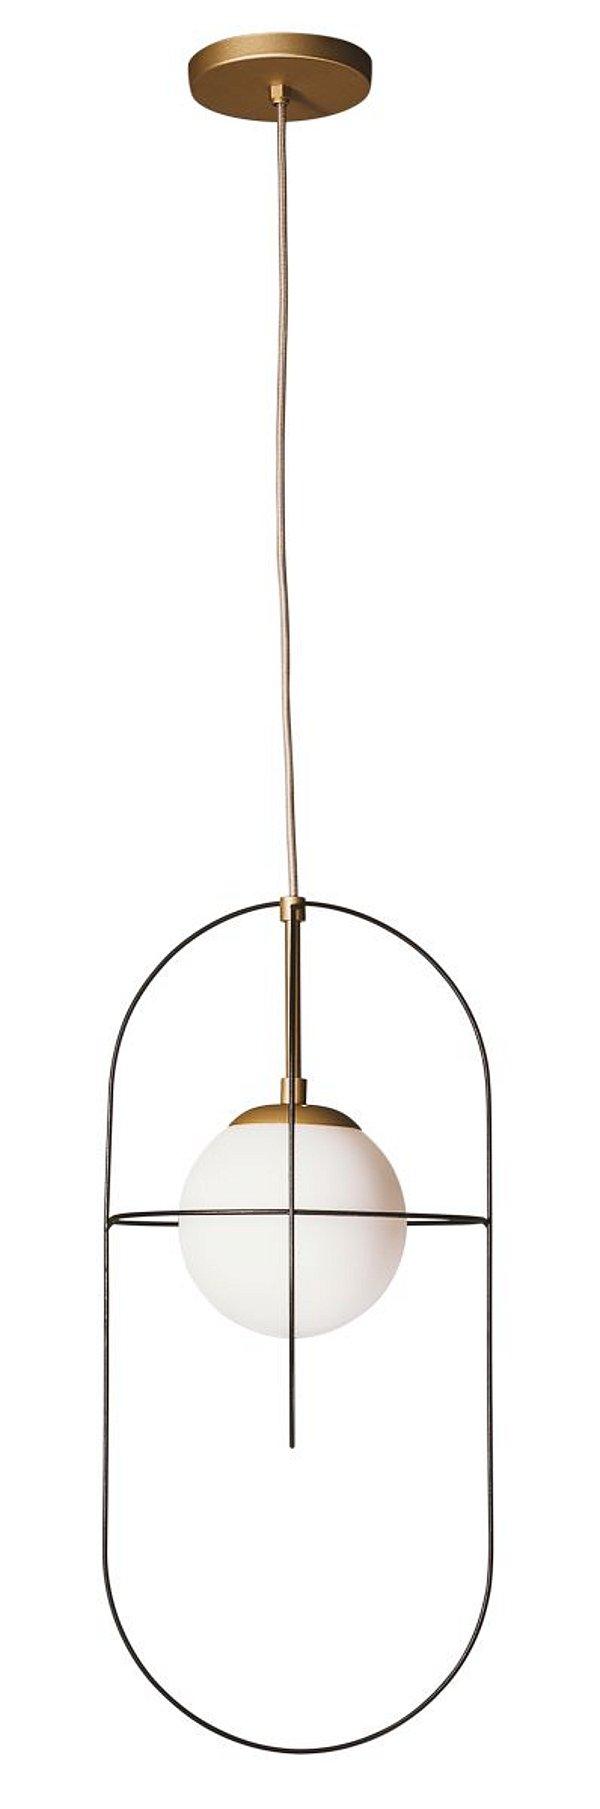 PENDENTE ELUS 17155/1 Usina Iluminação Moderno Aramado com GLOBO DE VIDRO Ø14cm x Ø24x51x1m x 1-E27 - G45